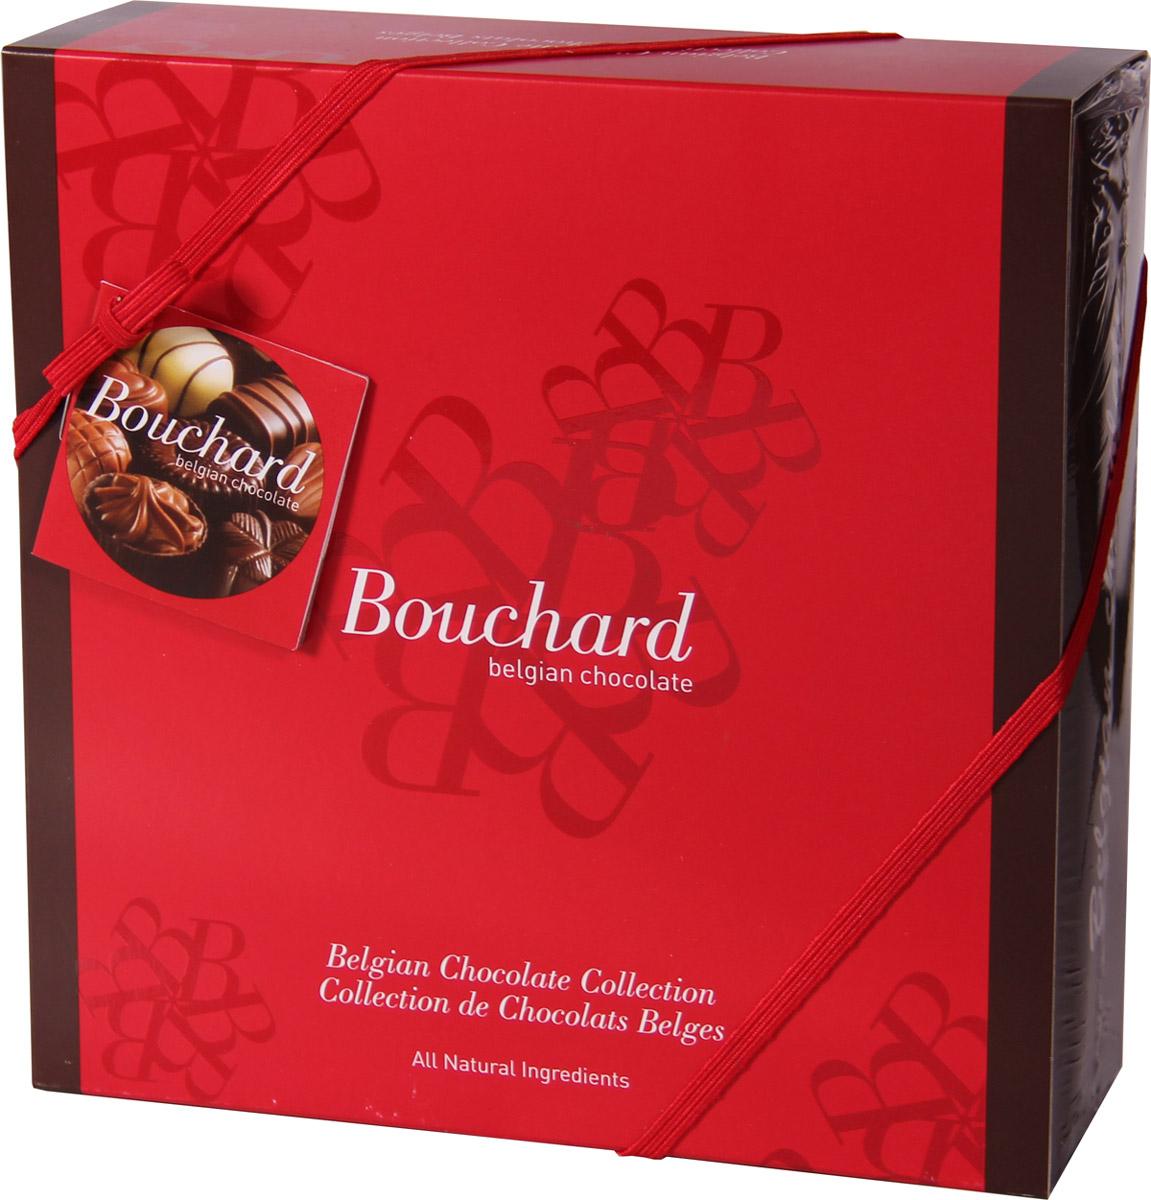 Bouchard Ассорти Премиум Бельгийская Шоколадная коллекция, 500 г0120710Восхитительные бельгийские шоколадные конфеты BOUCHARD L'ESCAUT Ассорти Премиум произведут впечатление на самого разборчивого знатока шоколада.Конфеты Bouchard наполнены нежнейшим кремом с добавлением миндаля и фундука. Покрыты изысканным бельгийским шоколадом. Отличаются ароматом ванили и насыщенным вкусом с притягательной терпкостью.Бельгийцы - непревзойденные мастера в приготовлении шоколада - считают это лакомство лучшим подарком. Нежный, буквально тающий во рту, он доставит удовольствие всем любителям сладкого.